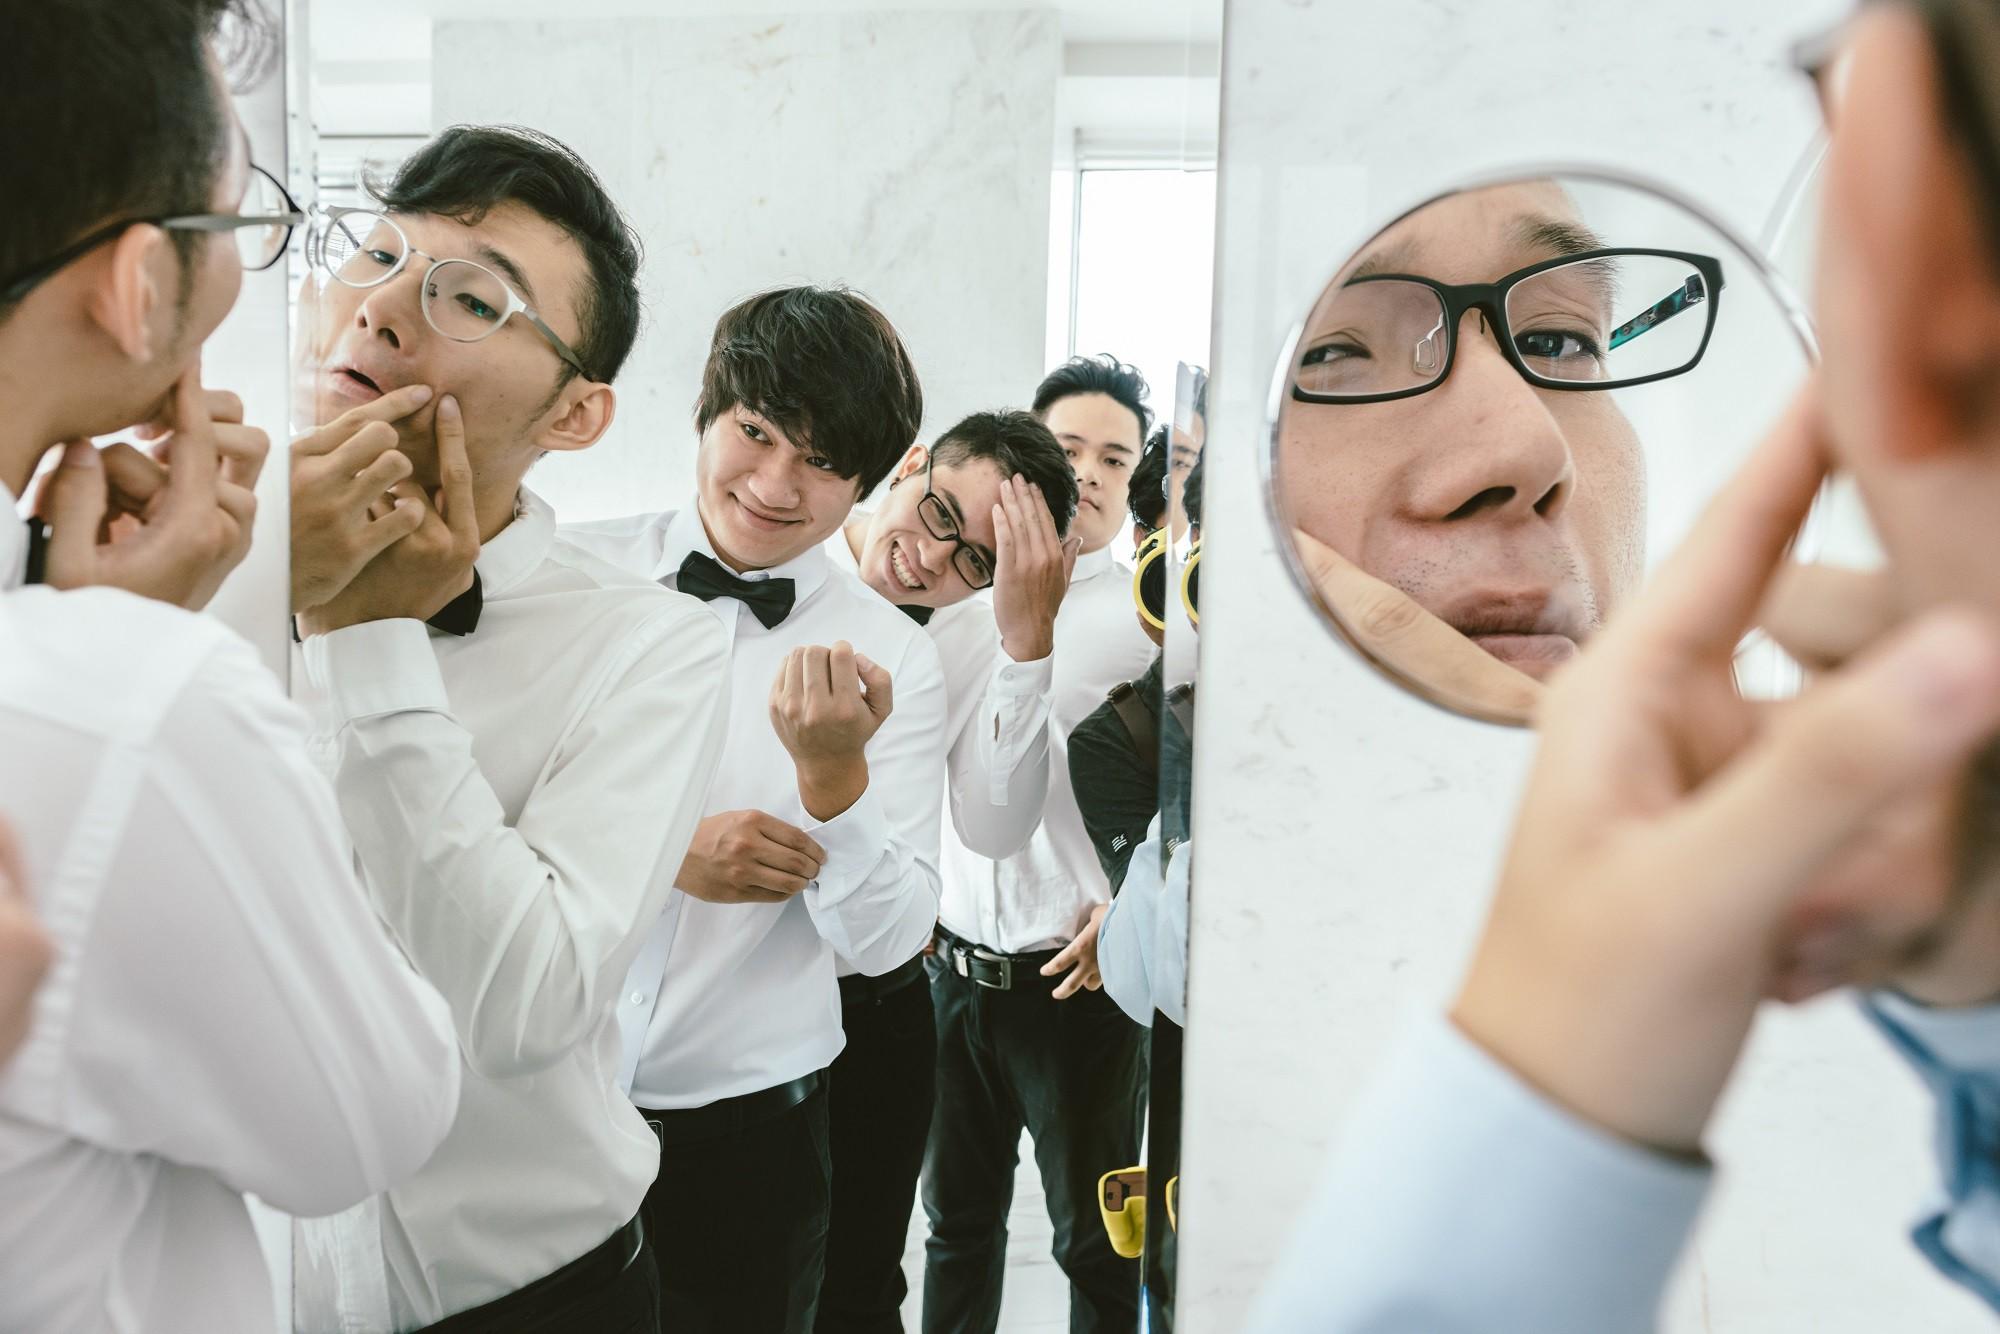 Em gái Trấn Thành kết hôn với bạn trai Hồng Kông, tung bộ ảnh cưới nhắng nhít cùng hội bạn thân - Ảnh 16.